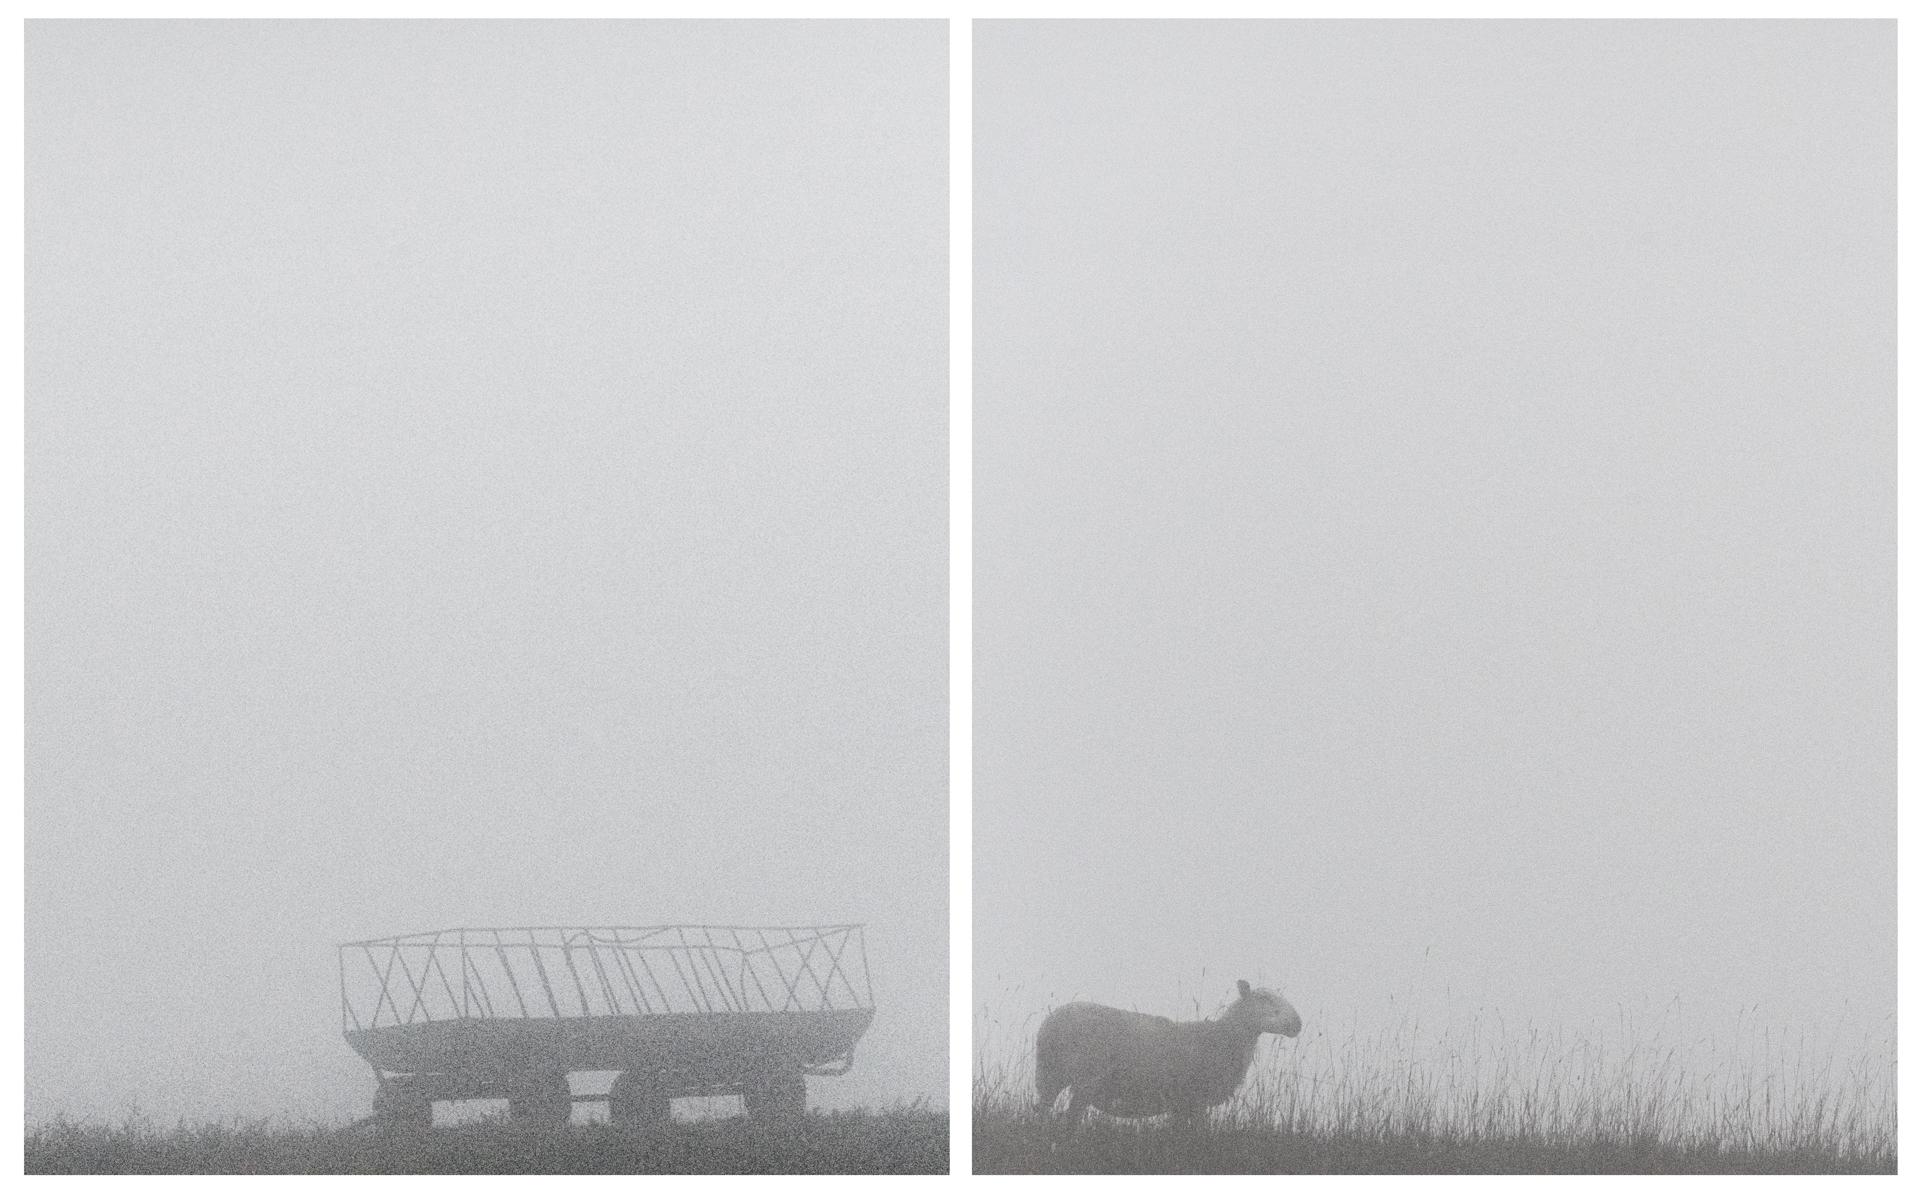 Cart and Sheep